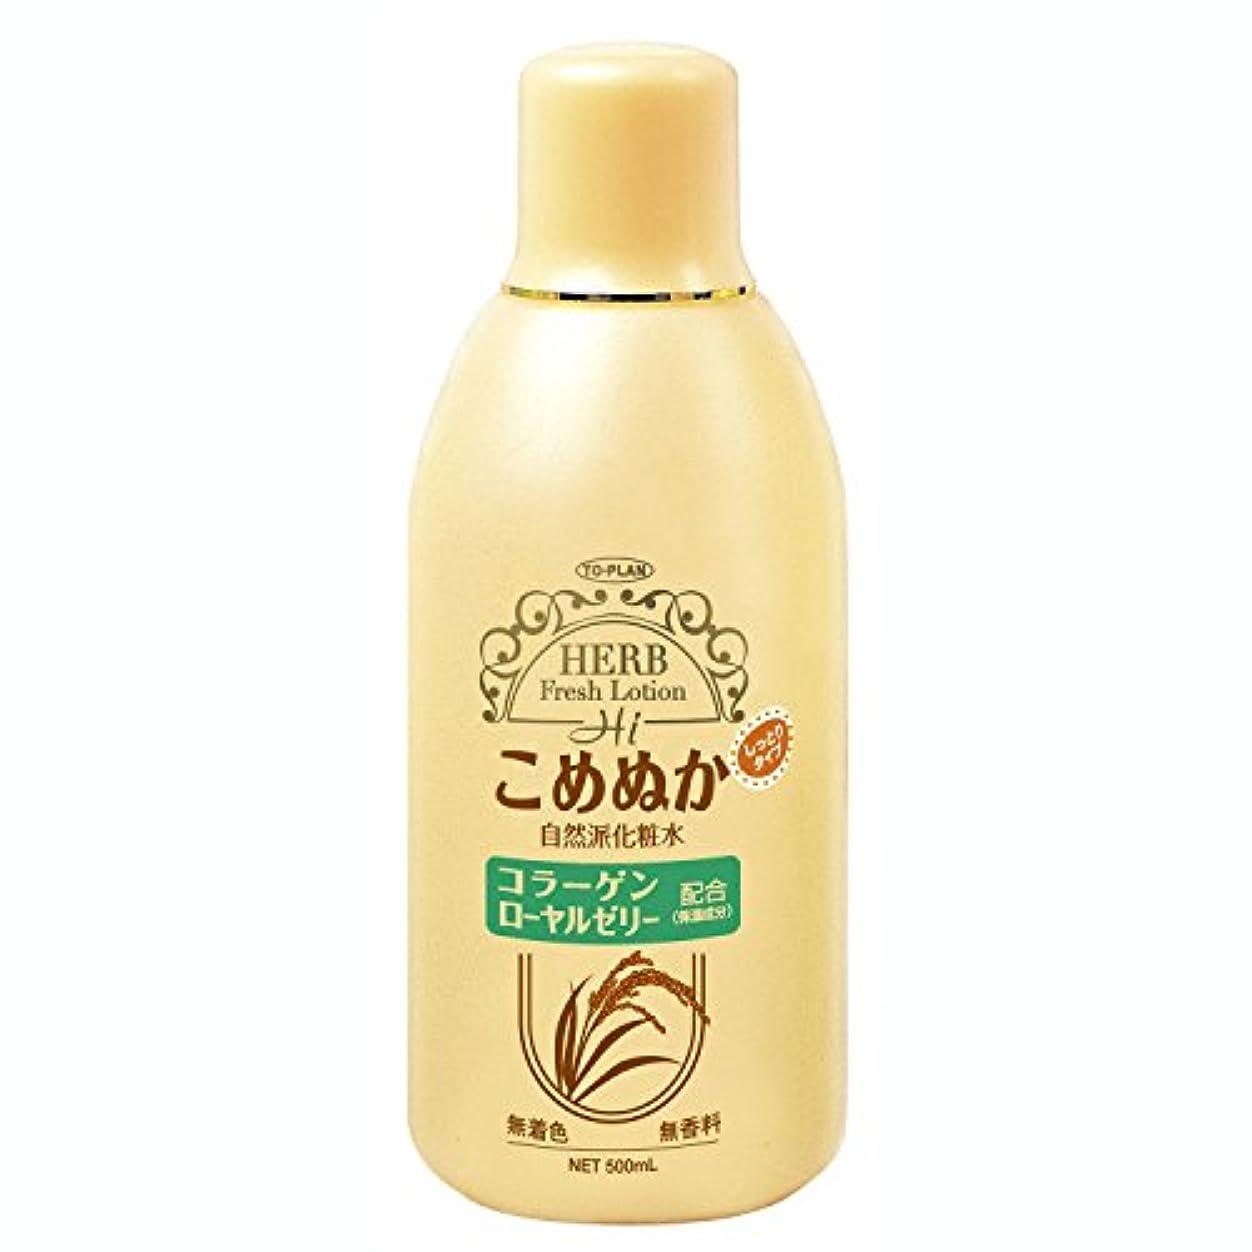 補助金戦術予感トプラン 米ぬか化粧水 500ml